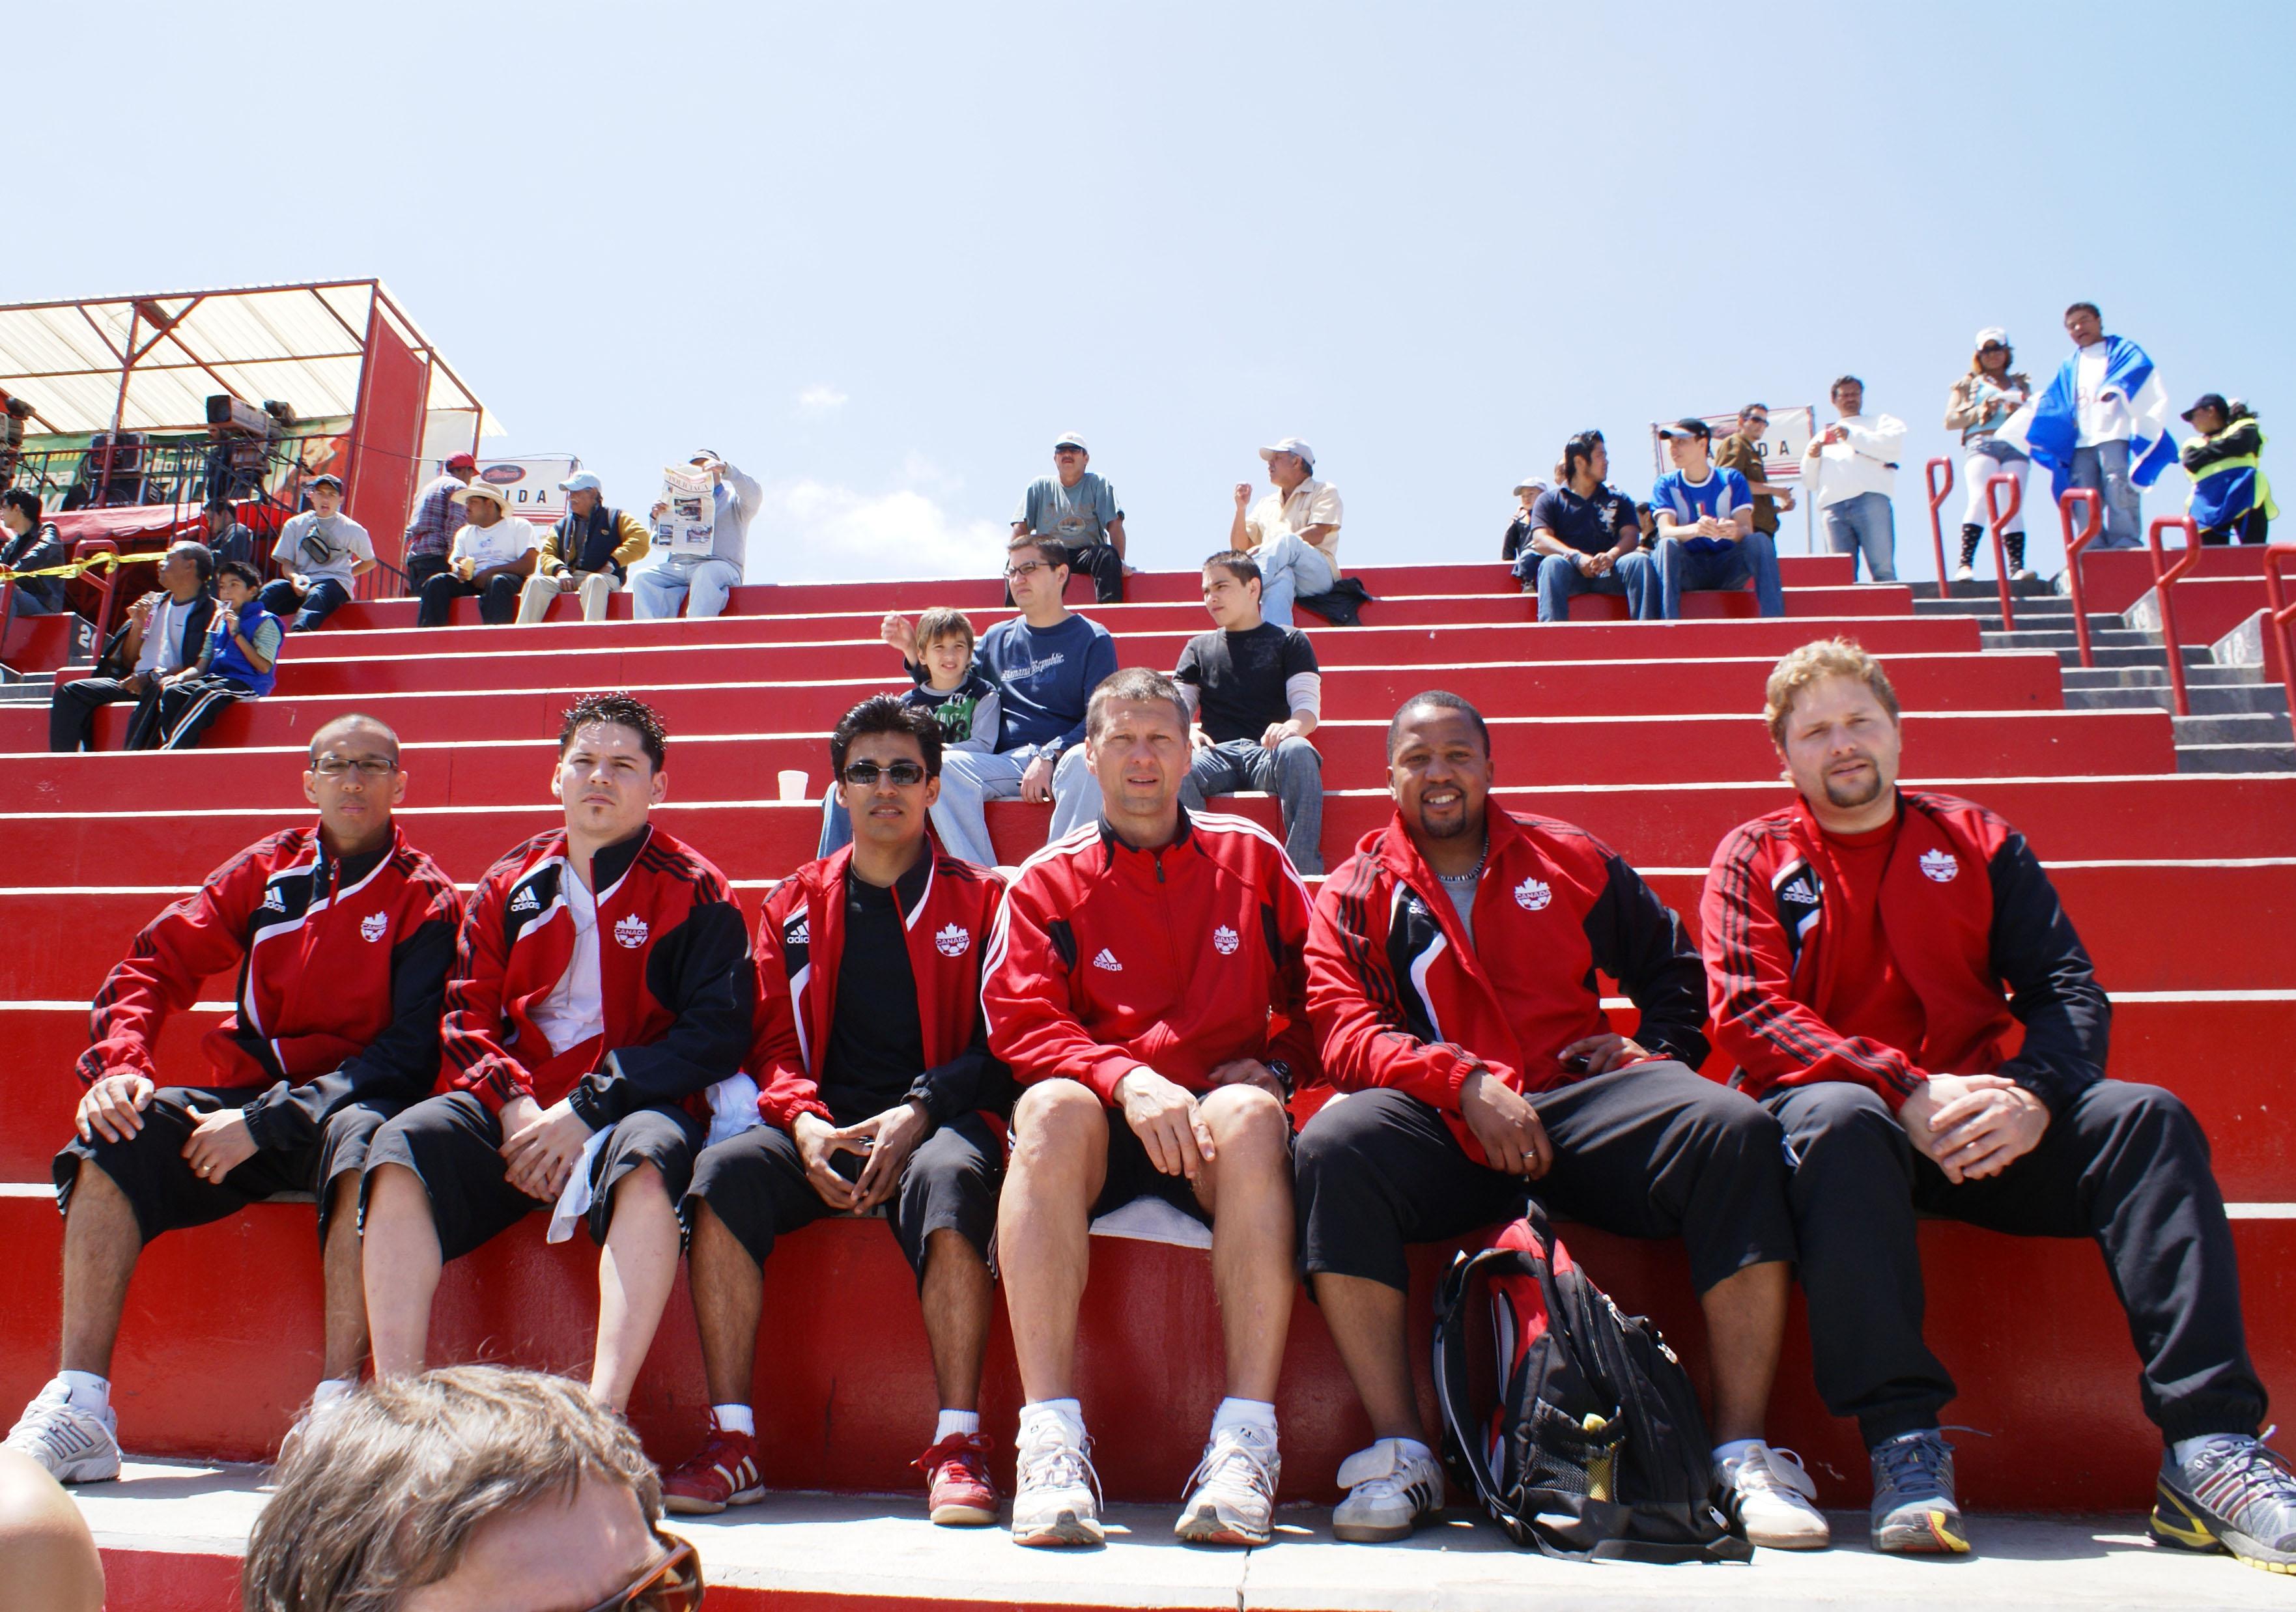 20090425_CanadaBeach_team